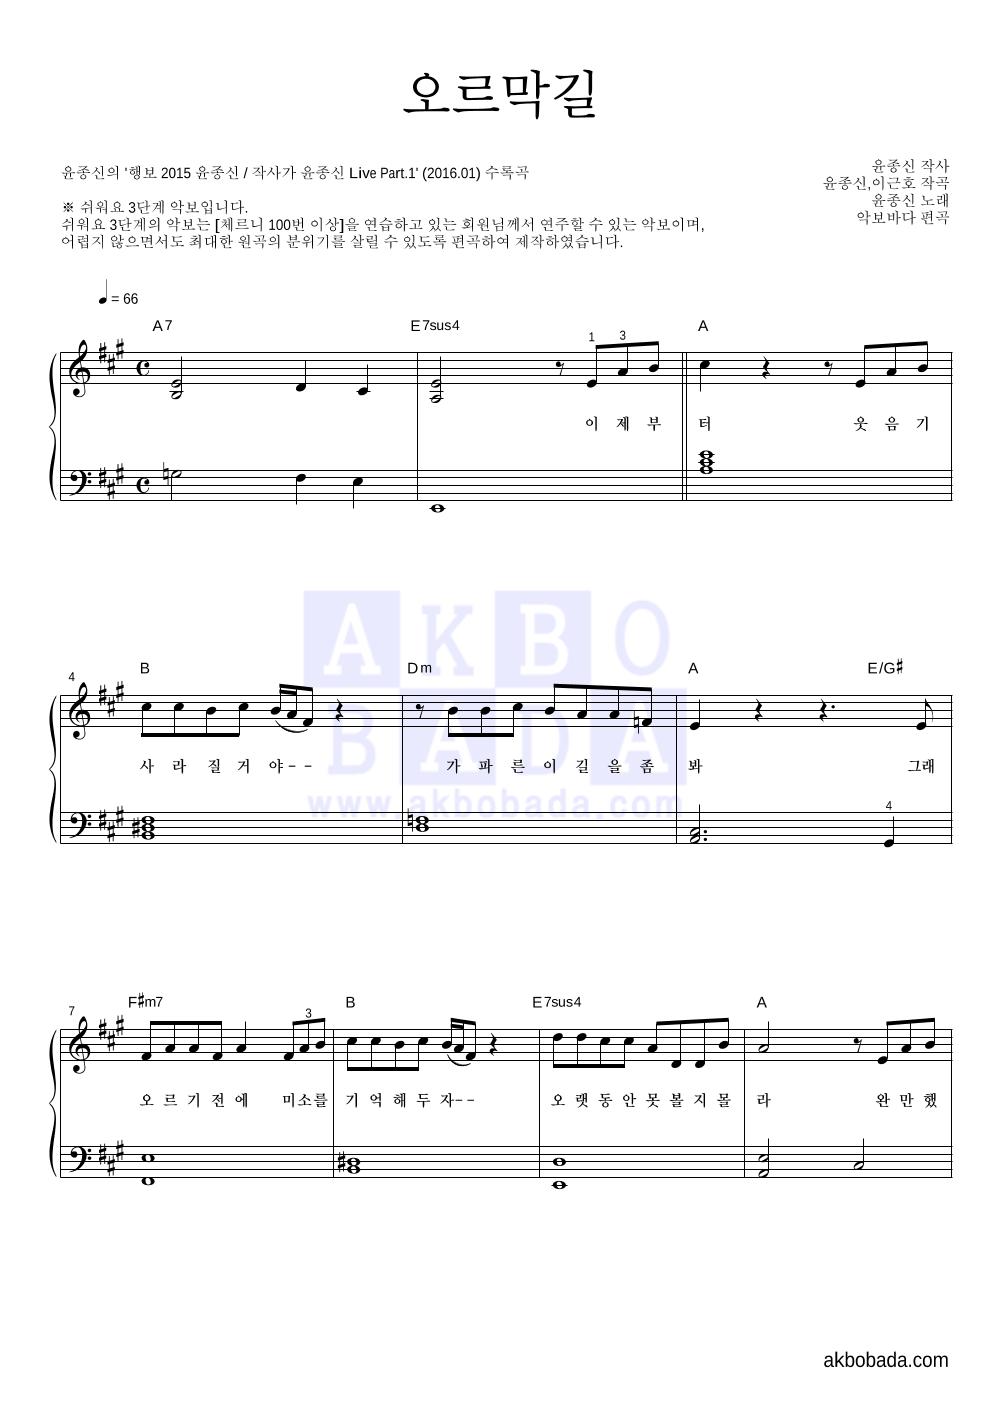 윤종신 - 오르막길 피아노2단-쉬워요 악보